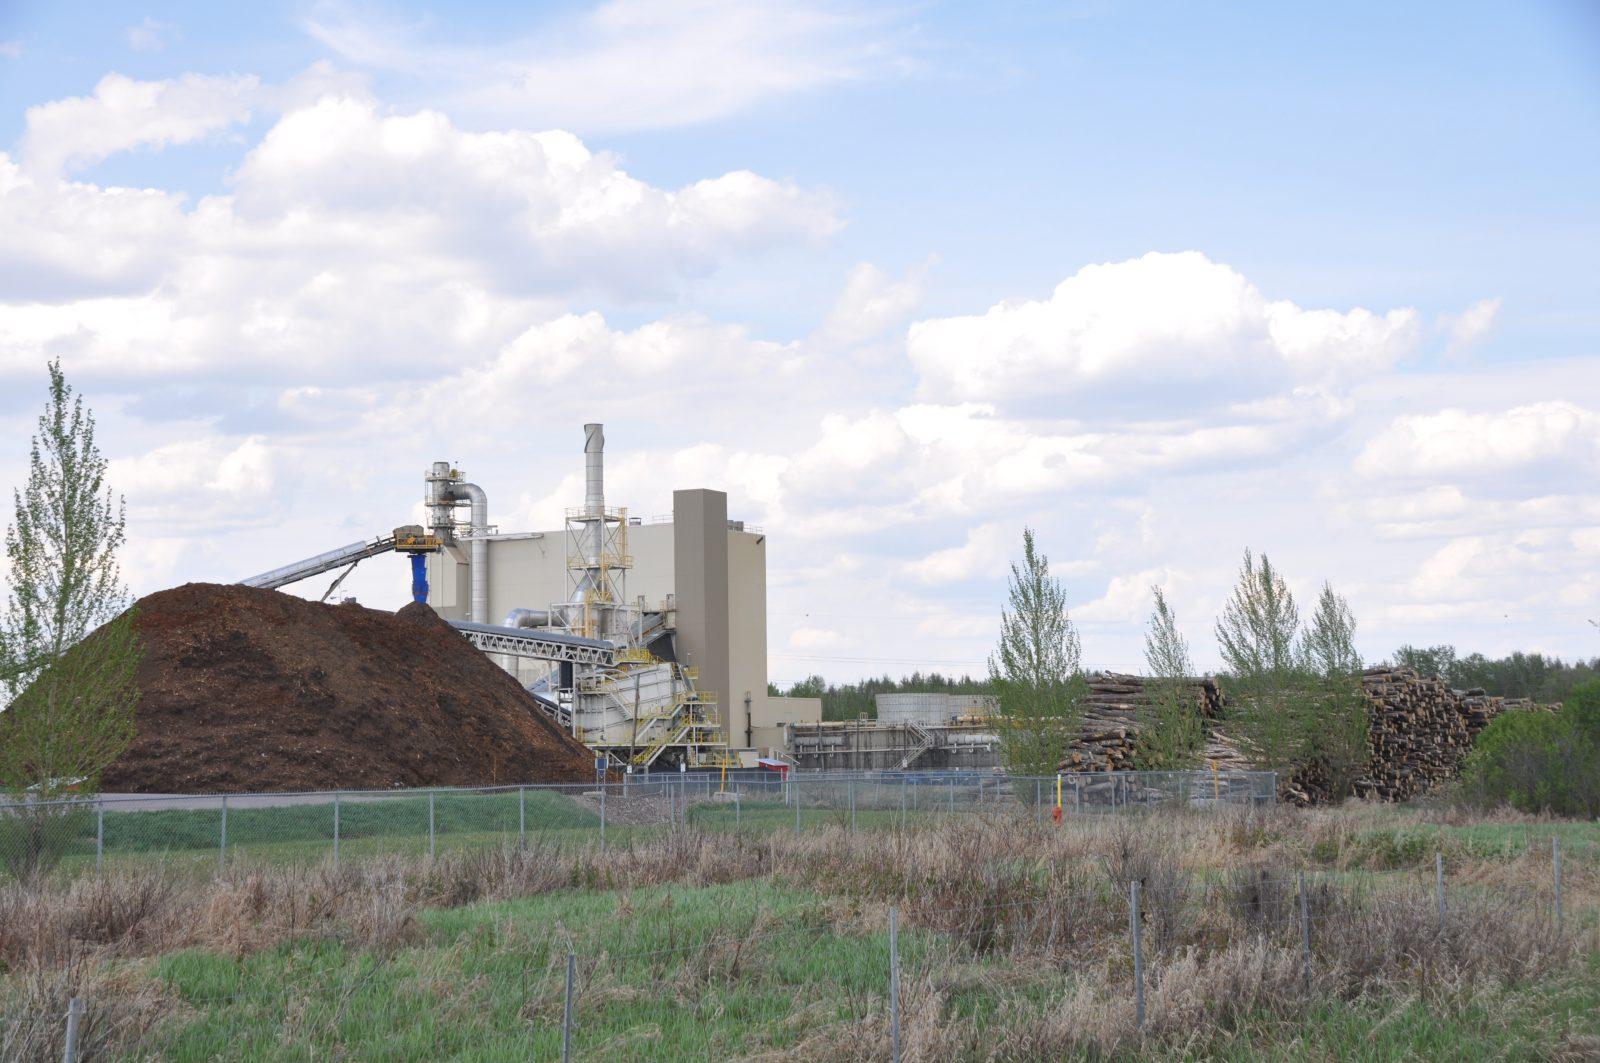 Des défis d'approvisionnement d'écorces relevés pour l'usine de cogénération